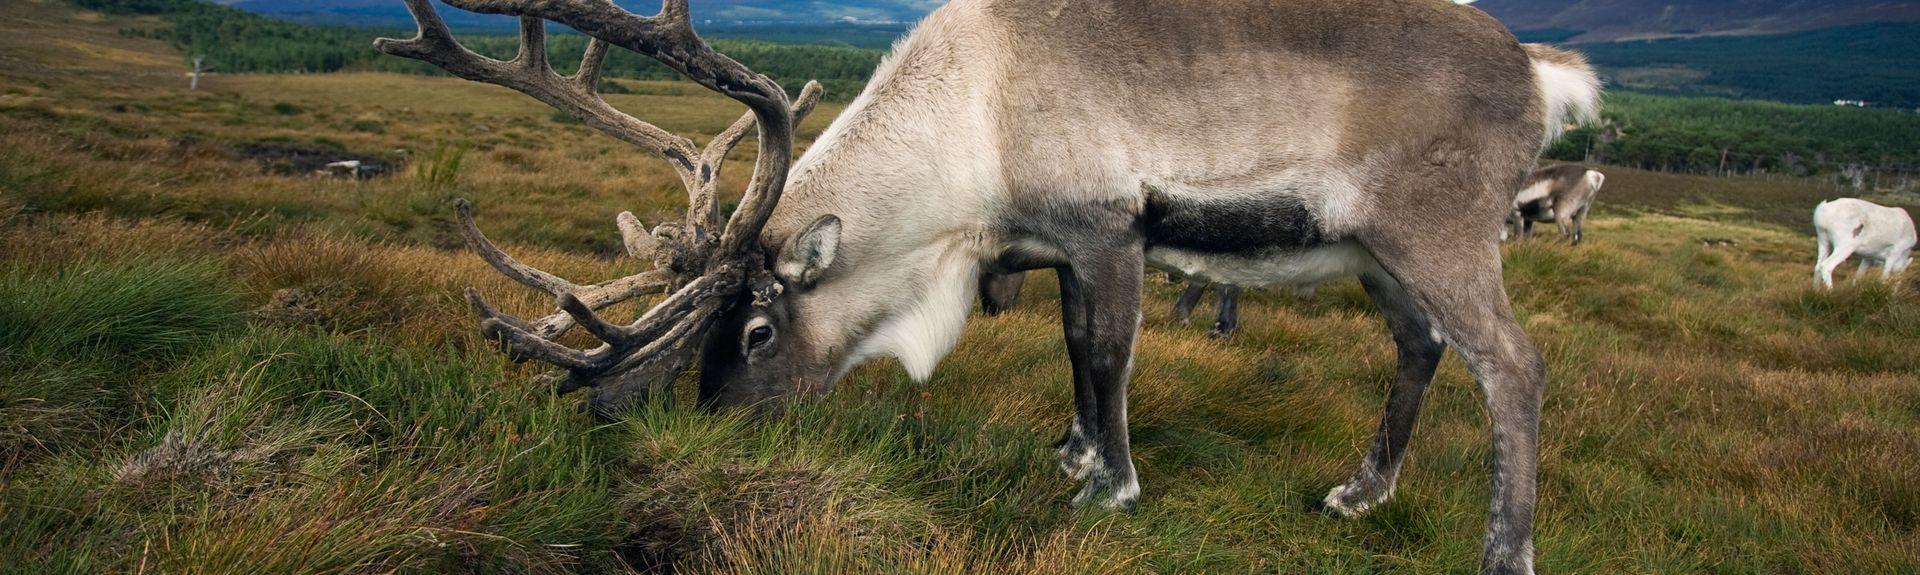 Parque Nacional Cairngorms, Escocia, Reino Unido